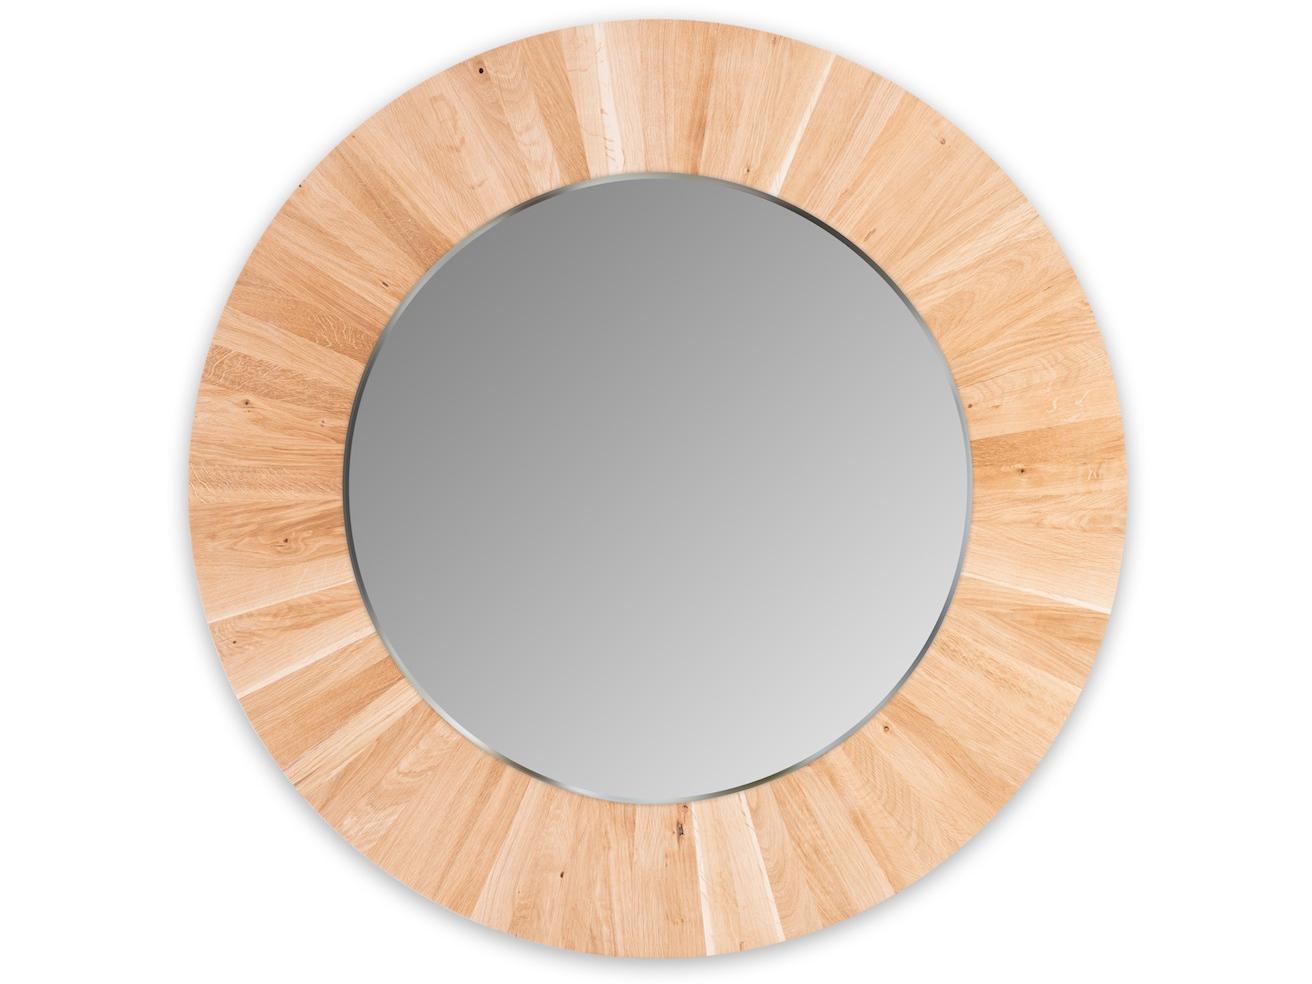 Круглое зеркало LESНастенные зеркала<br>Настенное, круглое зеркало LES не только украсит ваш интерьер, но и привнесёт в него частичку природы. Каждая оправа изготовлена вручную из 72 сегментов массива дуба. Неповторимый рисунок древесины и расположение сегментов, делает каждое зеркало уникальным и единственным в своём роде. Полотно зеркала имеет толщину 4мм и выполнено с фацетом. Оправа имеет естественный цвет дуба и обрабатывается натуральным, экологически-чистым маслом, что не вредит вашему здоровью и защищает оправу от внешних воздействий.<br>Сдержанность и лаконичность дизайна легко позволит вписать зеркало LES в любой интерьер.<br><br>Material: Дерево<br>Глубина см: 4